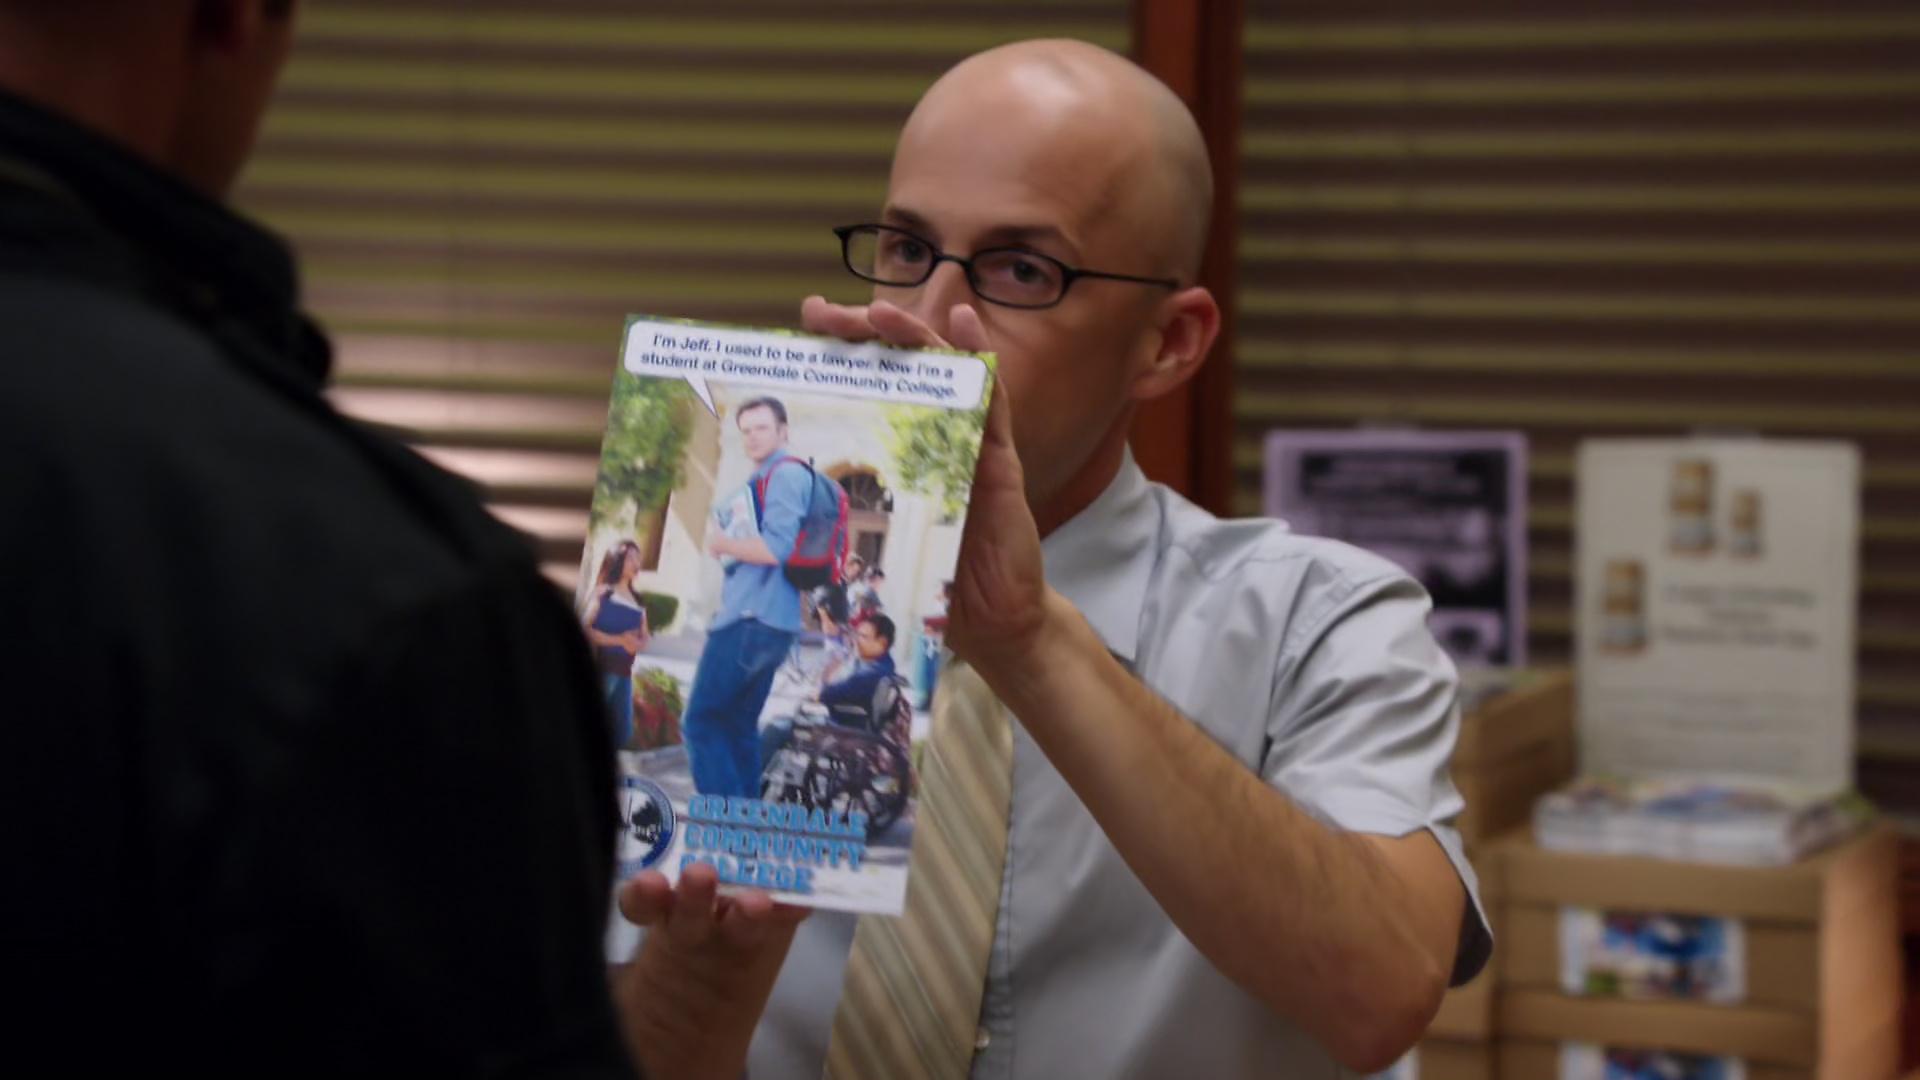 File:1x06-Dean Pelton Jeff Flyer.jpg